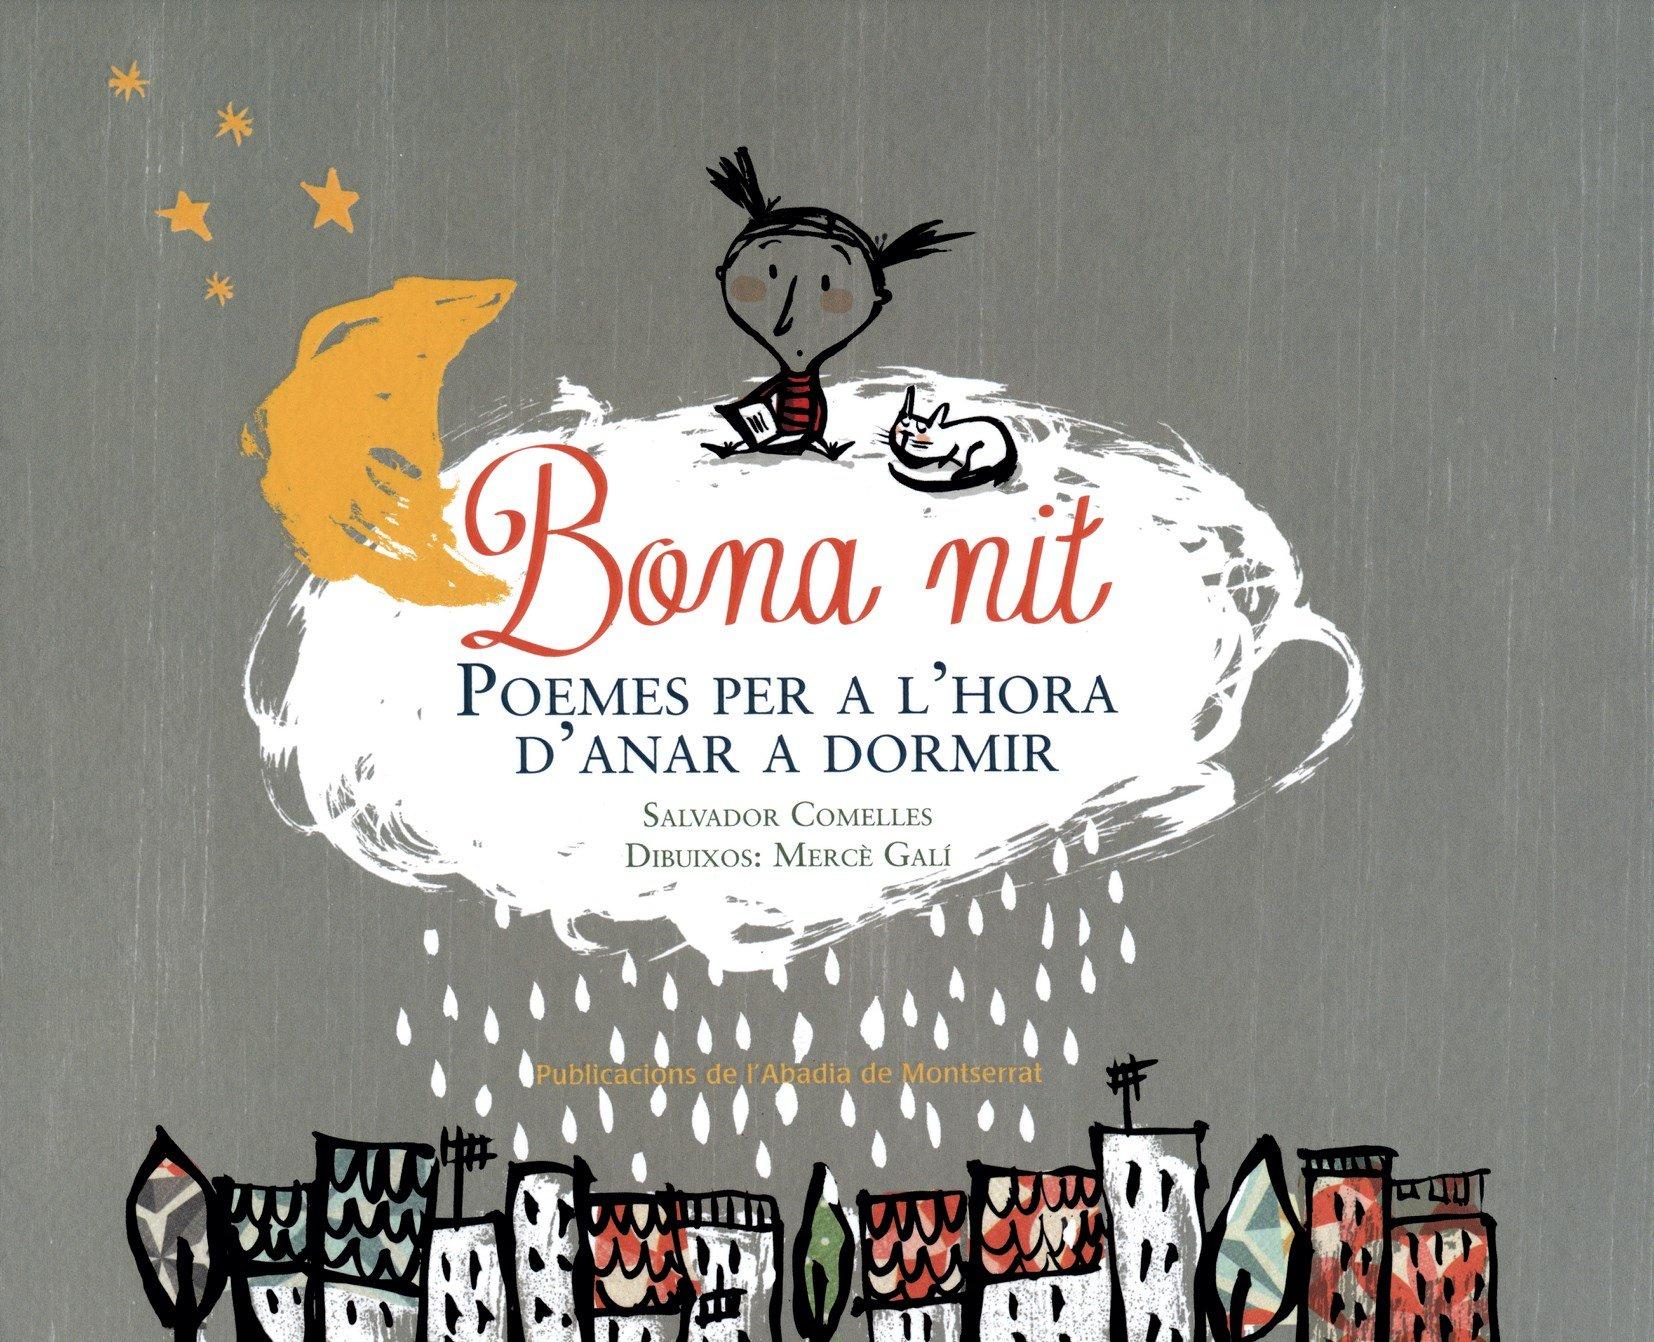 Bona nit: Poemes per a lhora danar a dormir (Vària): Amazon.es: Salvador Comelles Garcia, Mercè Galí Sanarau: Libros